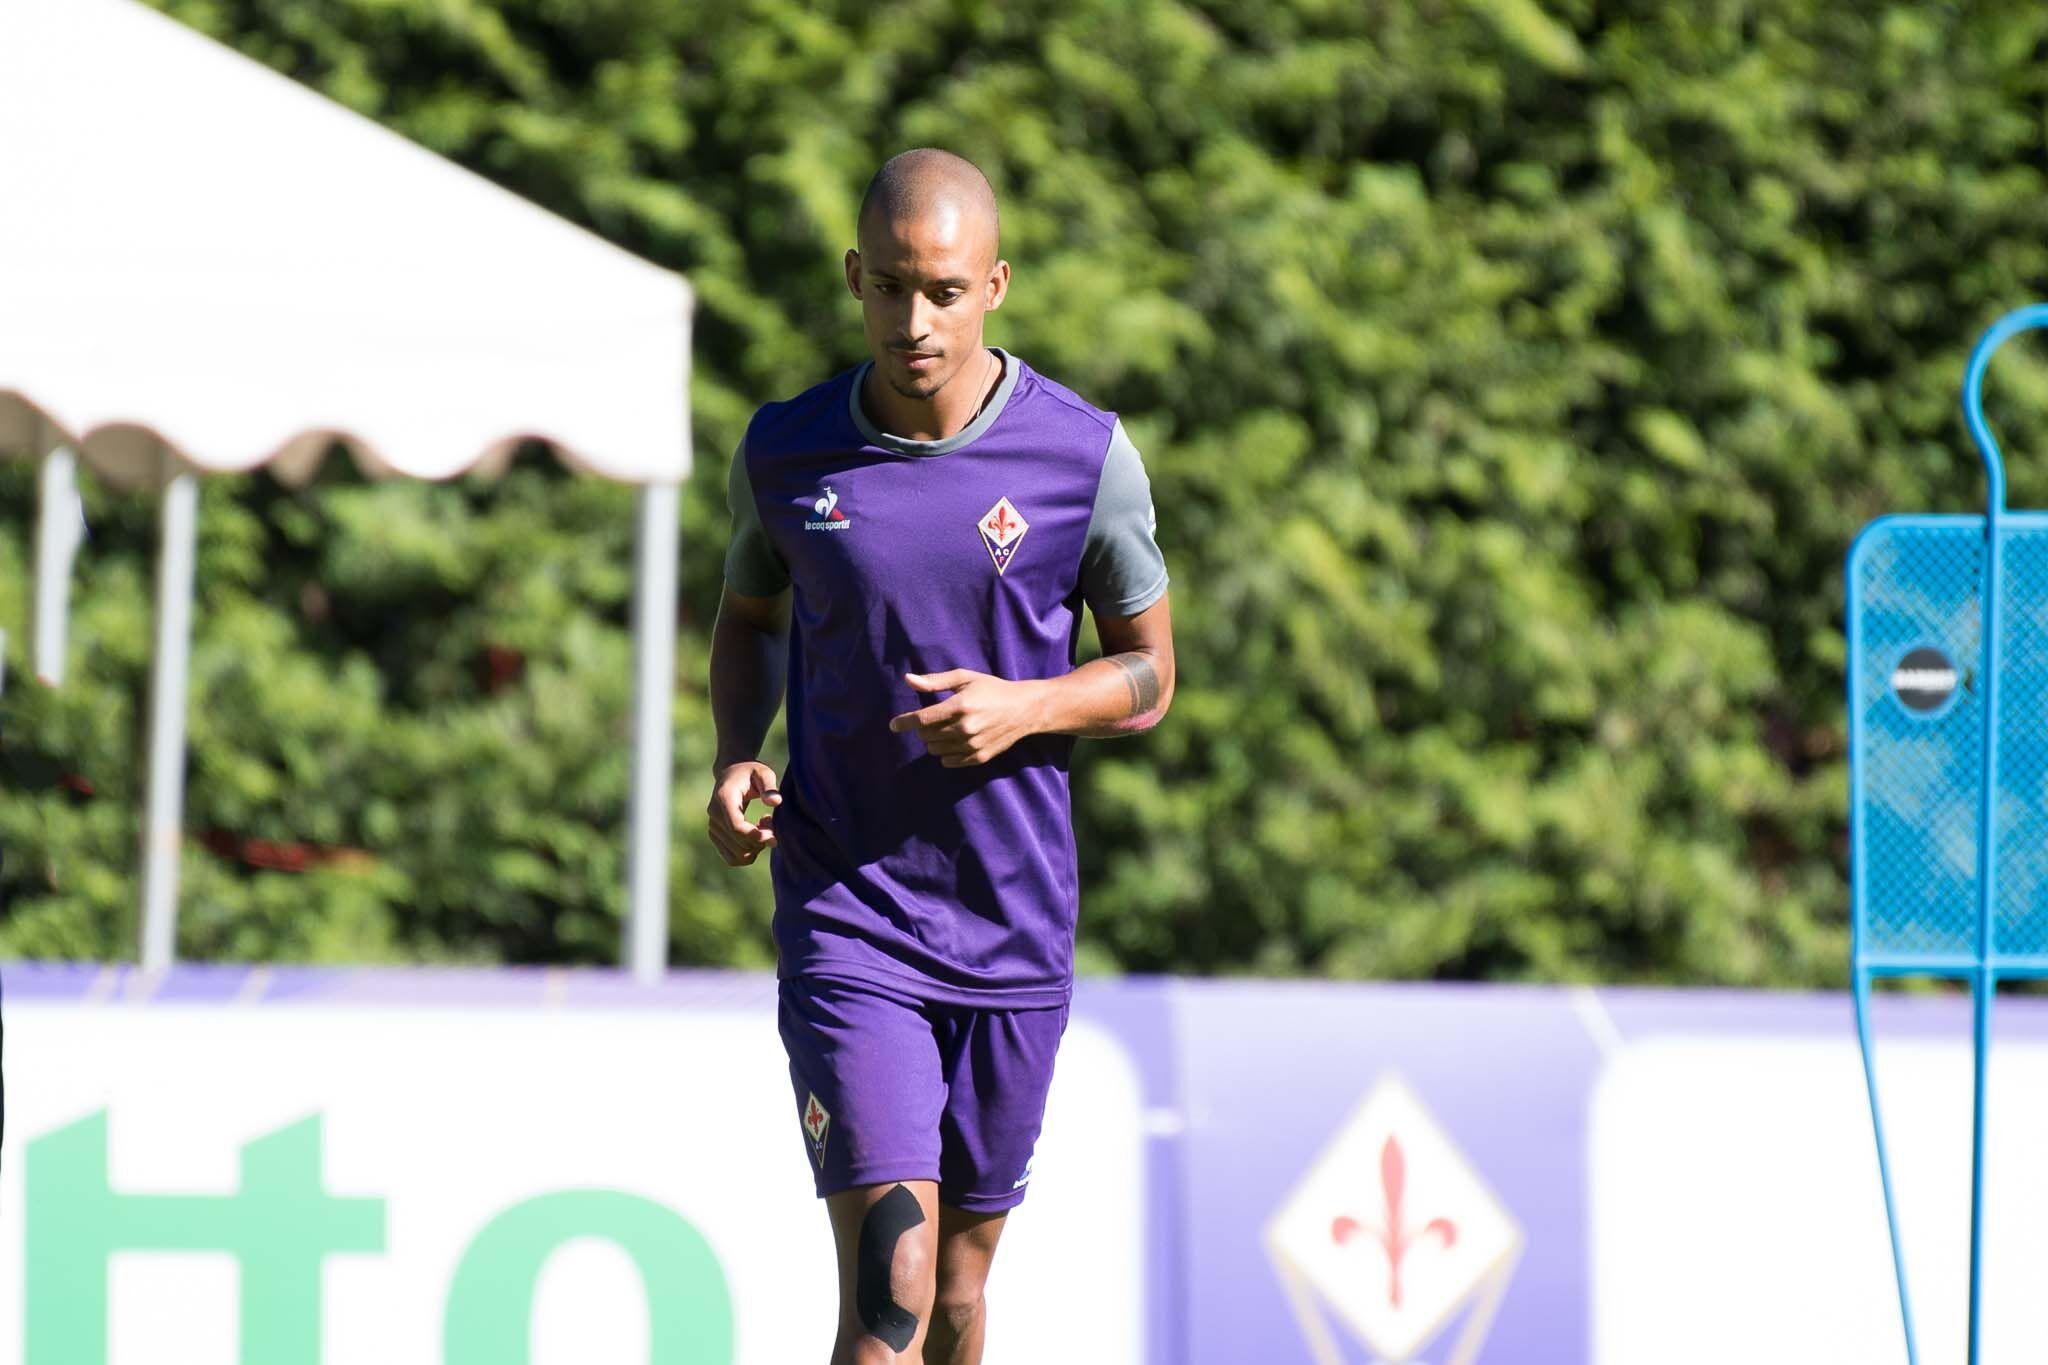 Maglia Home Fiorentina vesti